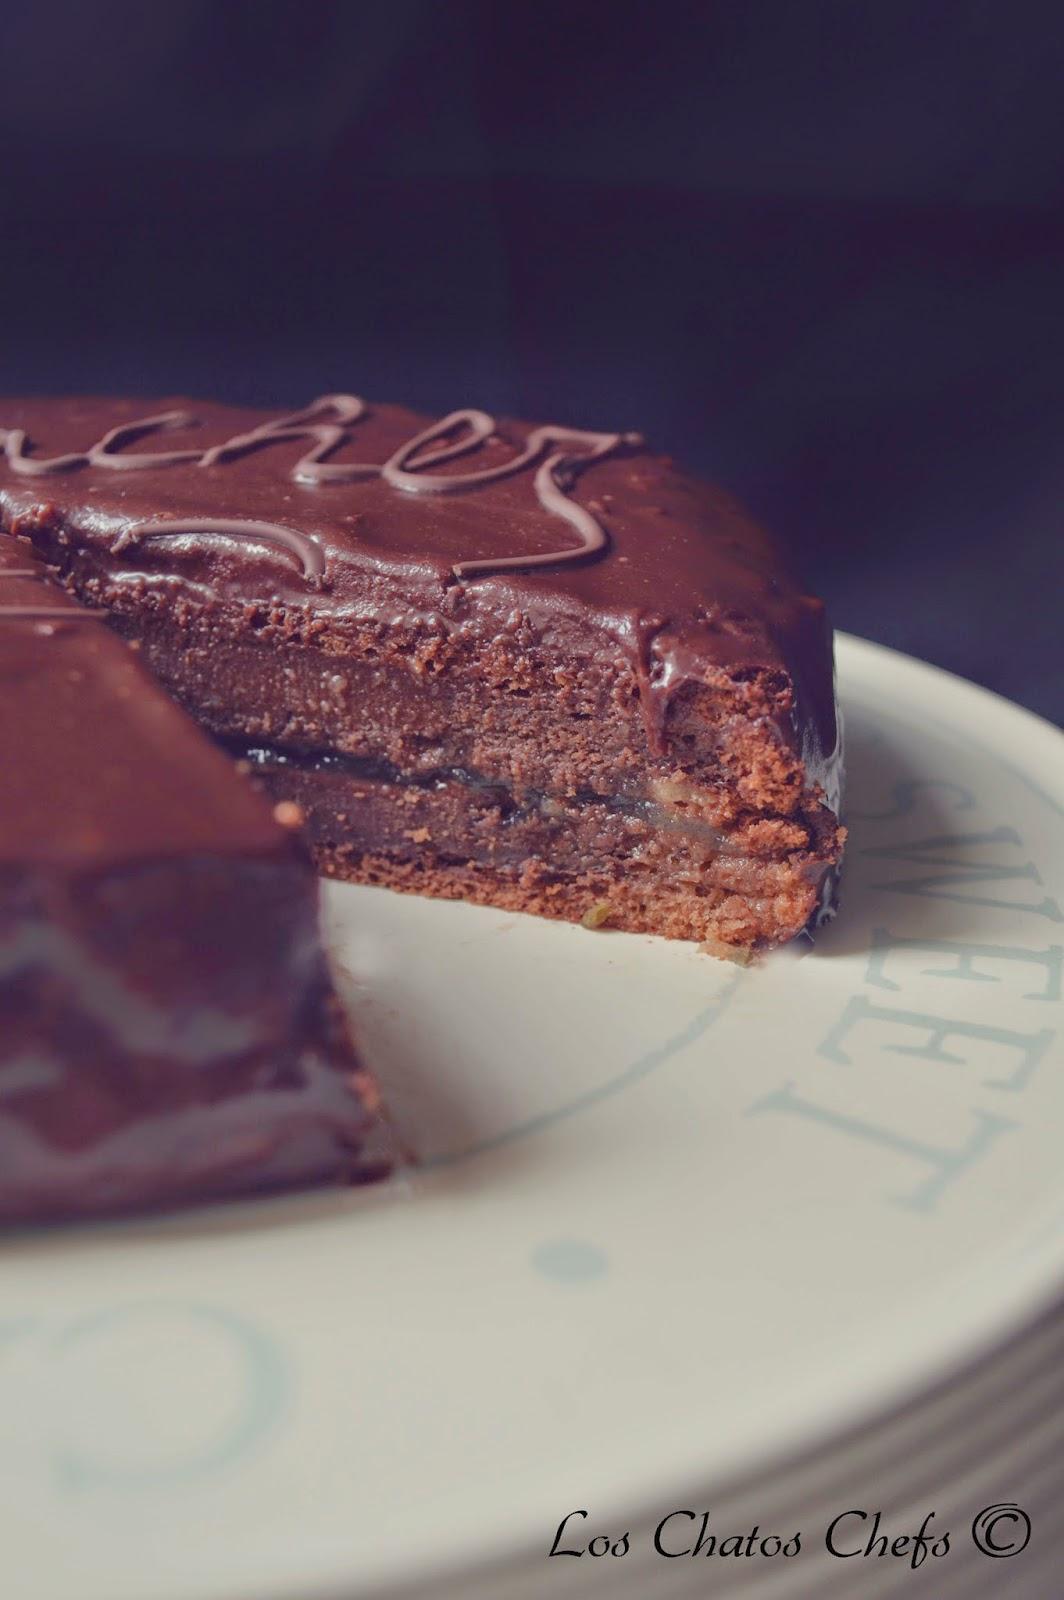 Decorar Tarta Con Chocolate En Cono De Papel Sulfurizado